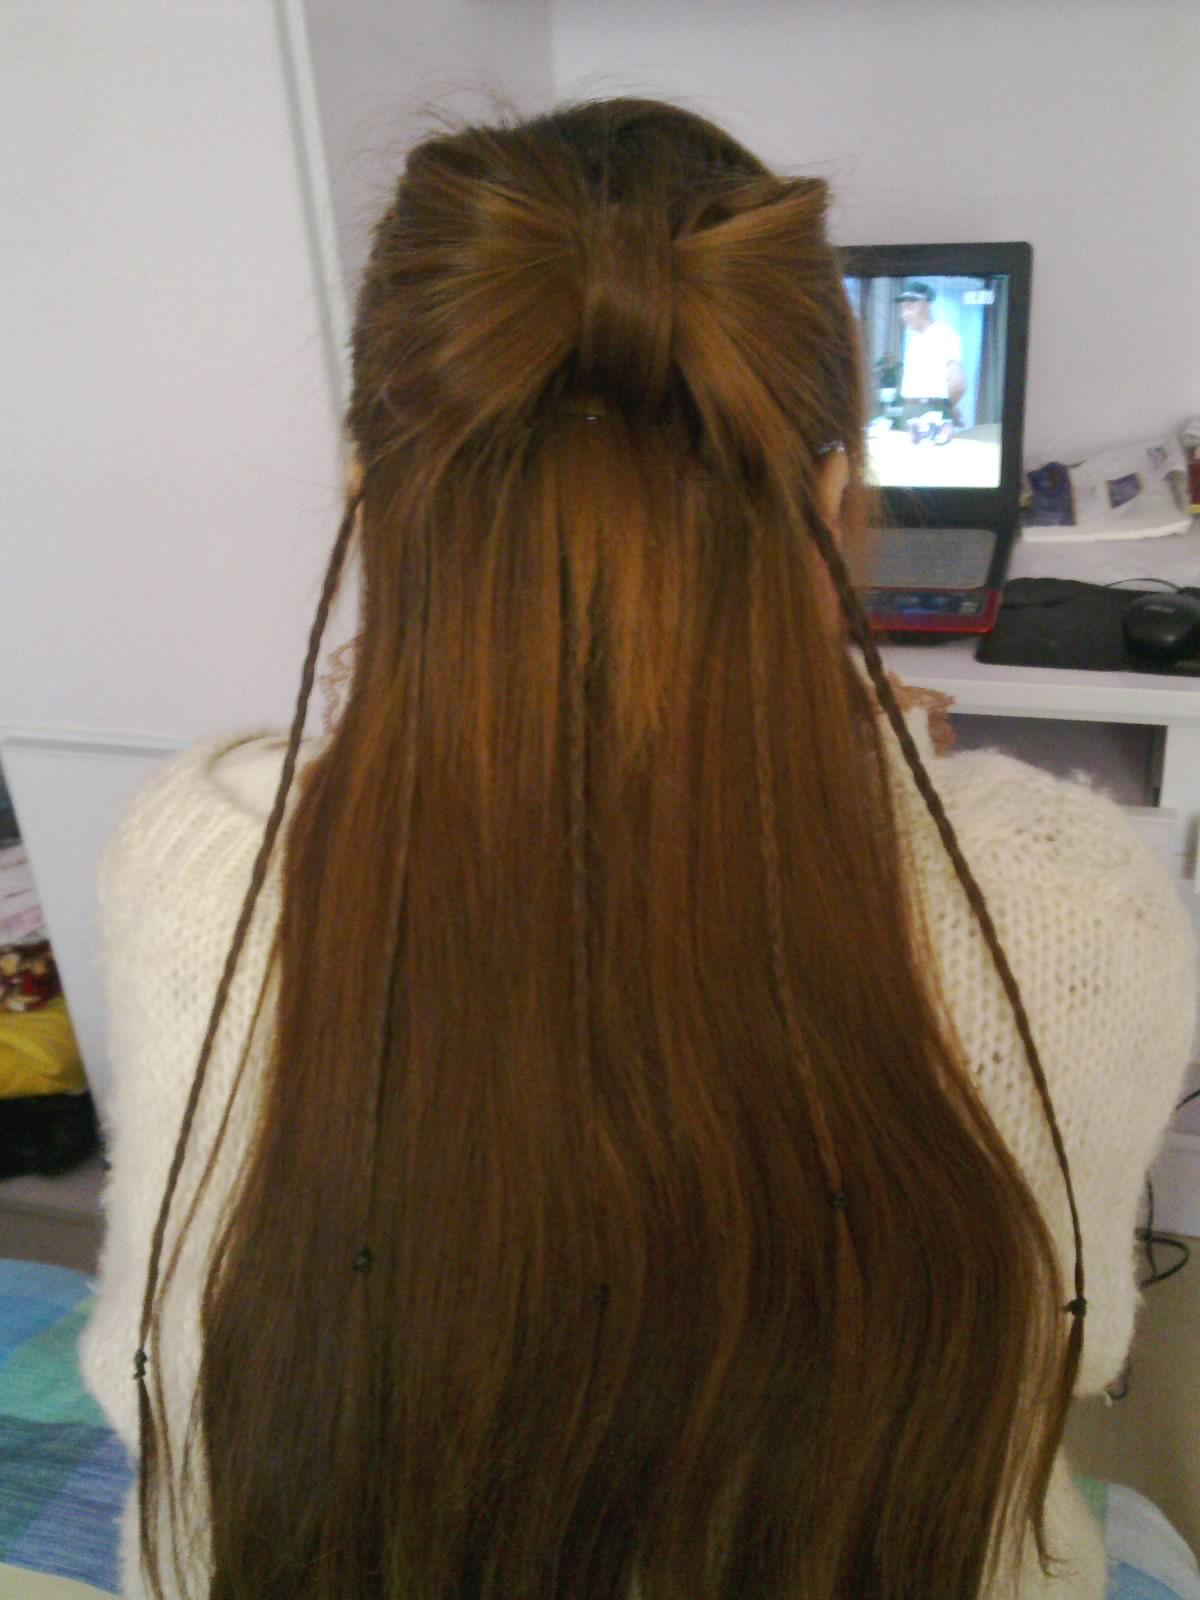 我13岁,想留刘海但是头发前面也才3-4厘米图片